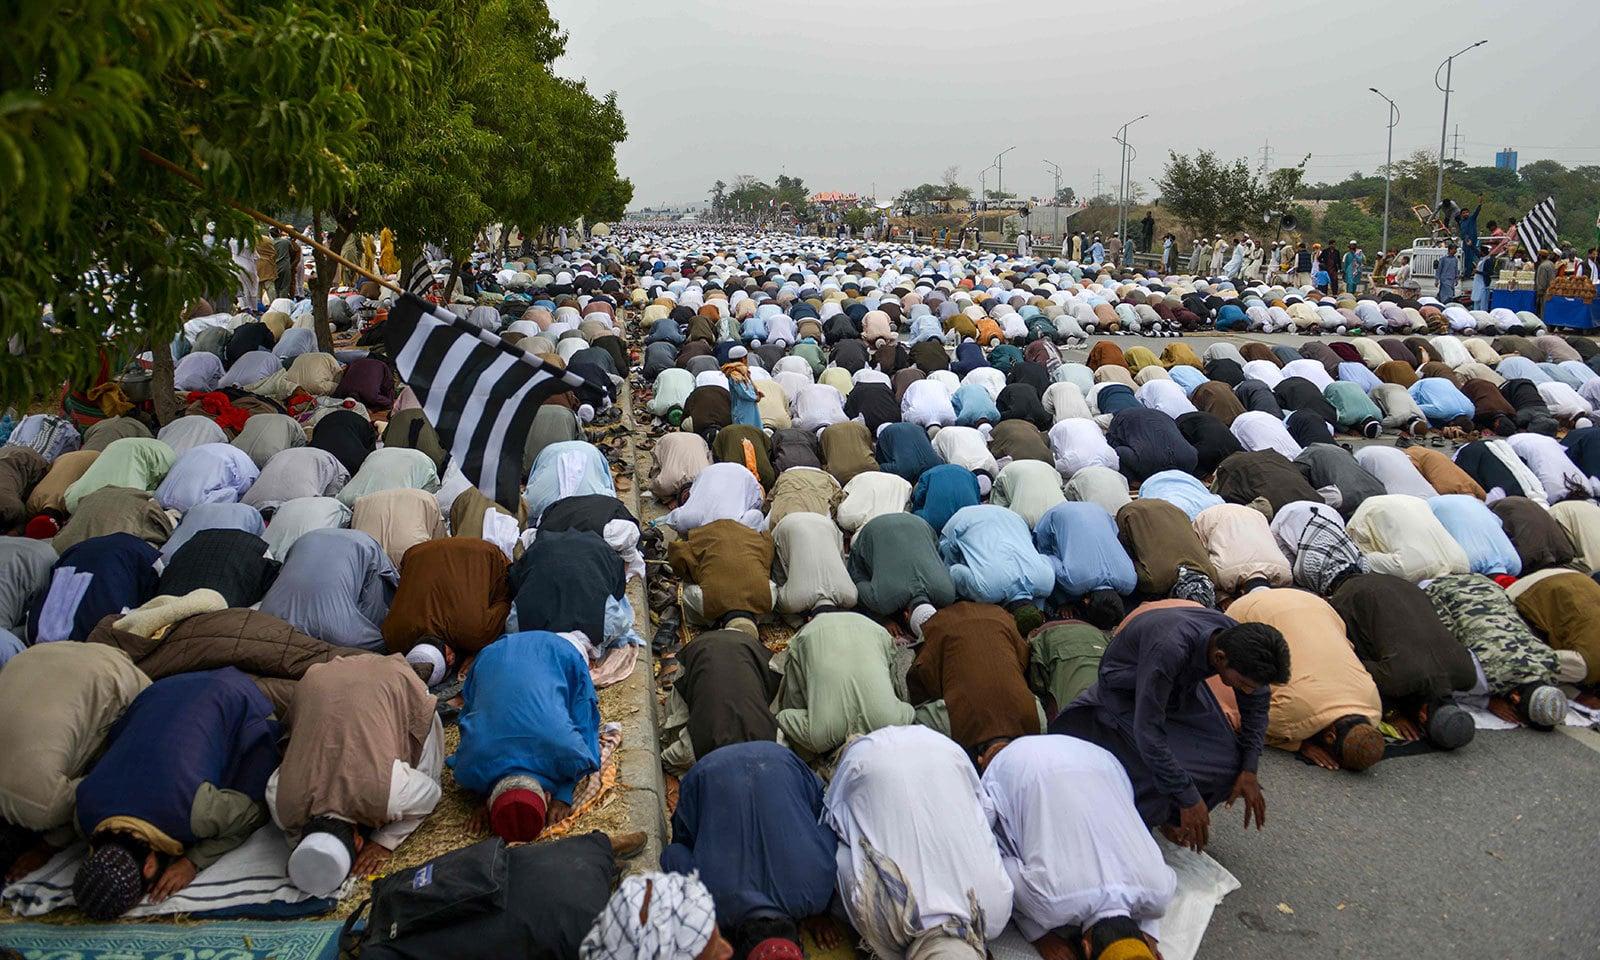 دھرنے کے شرکا نے مولانا عبدالغفور حیدری کی امامت میں نماز جمعہ ادا کی—فوٹو:اے ایف پی